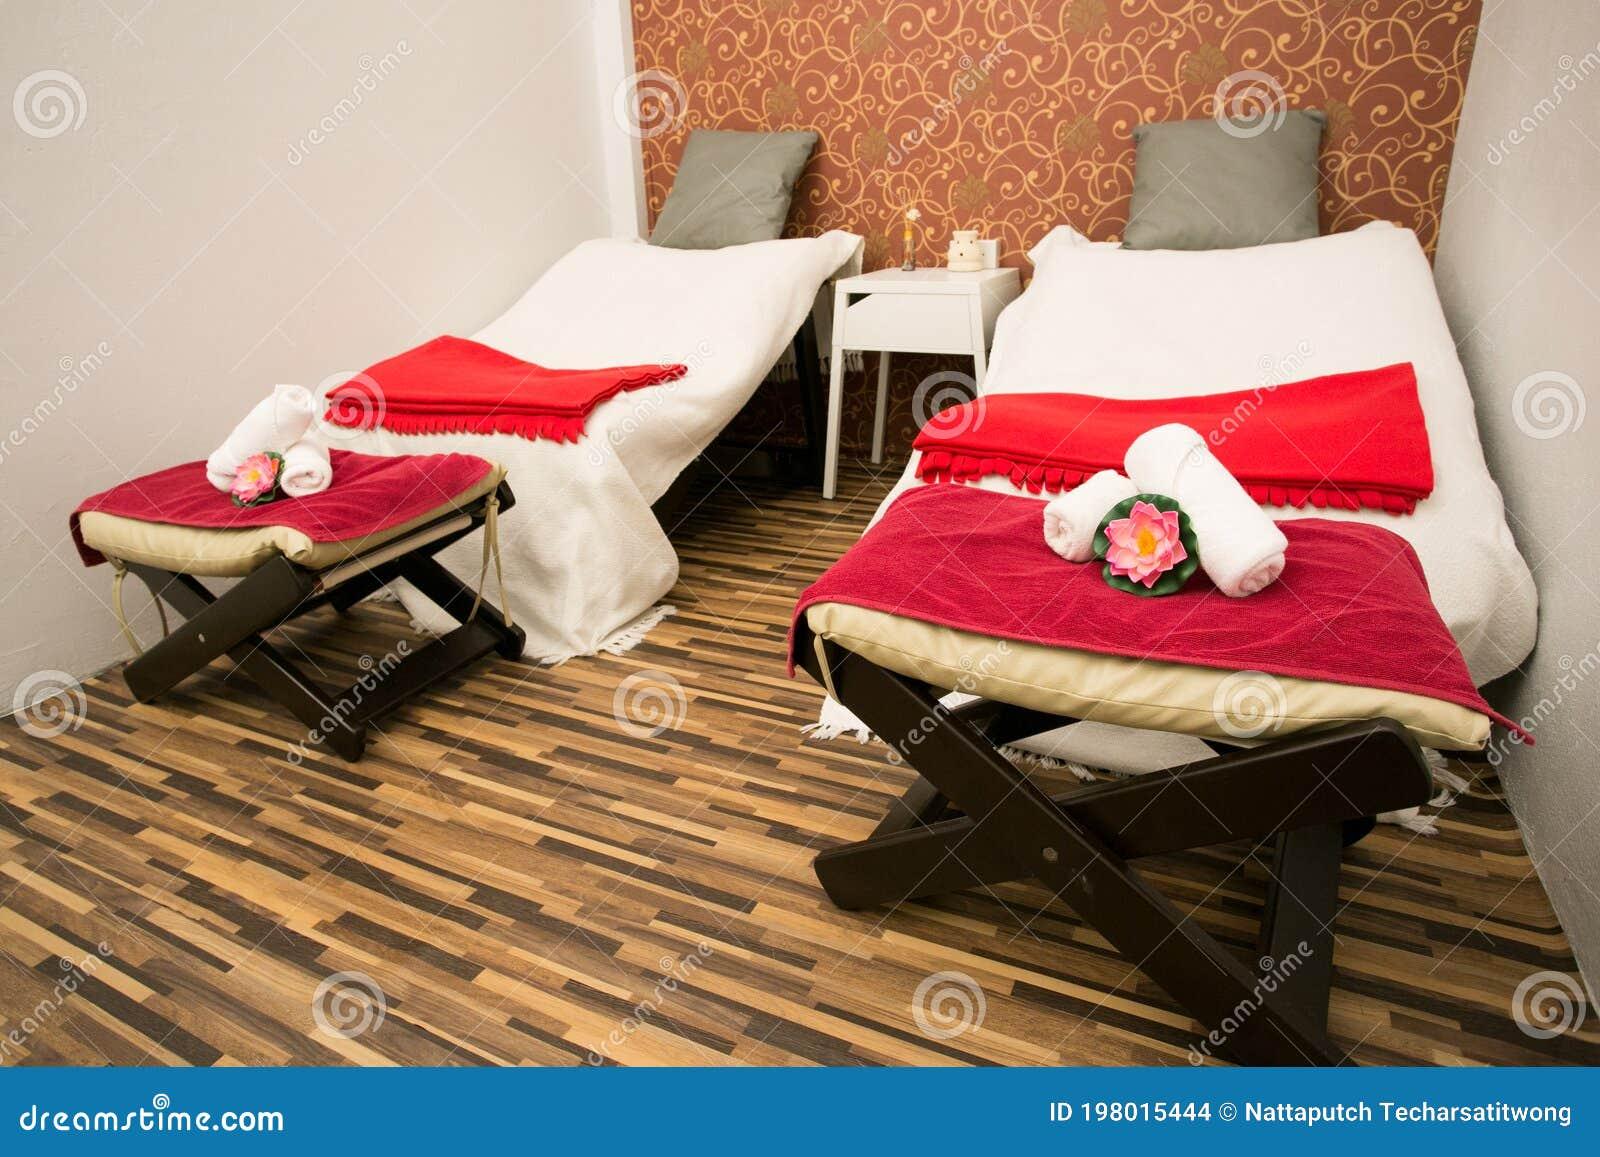 Massageroom Massage Room